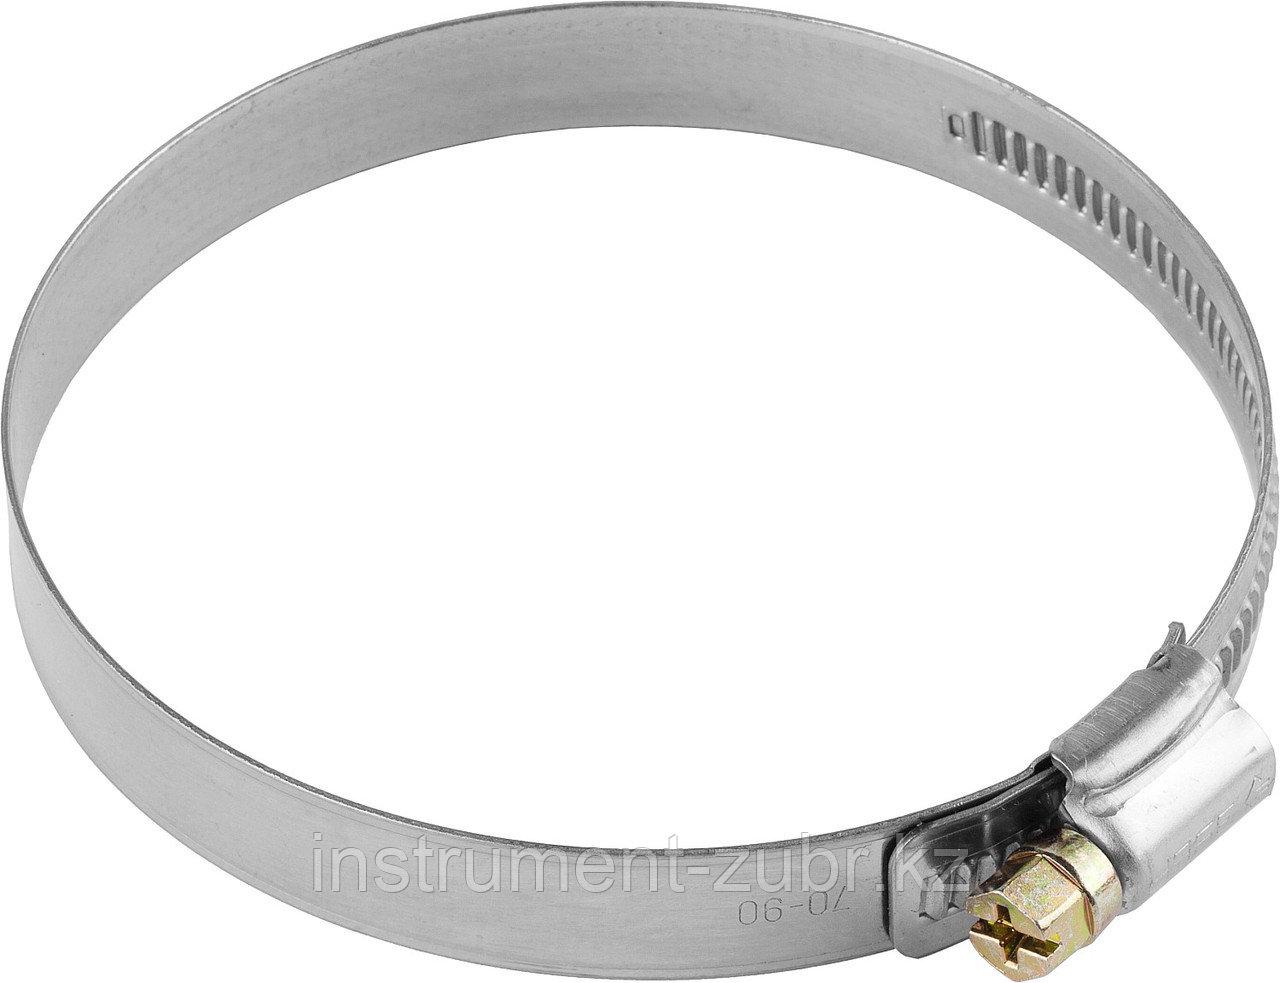 Хомуты, нерж. сталь, накатная лента 12 мм, 120-140 мм, 50 шт, ЗУБР Профессионал